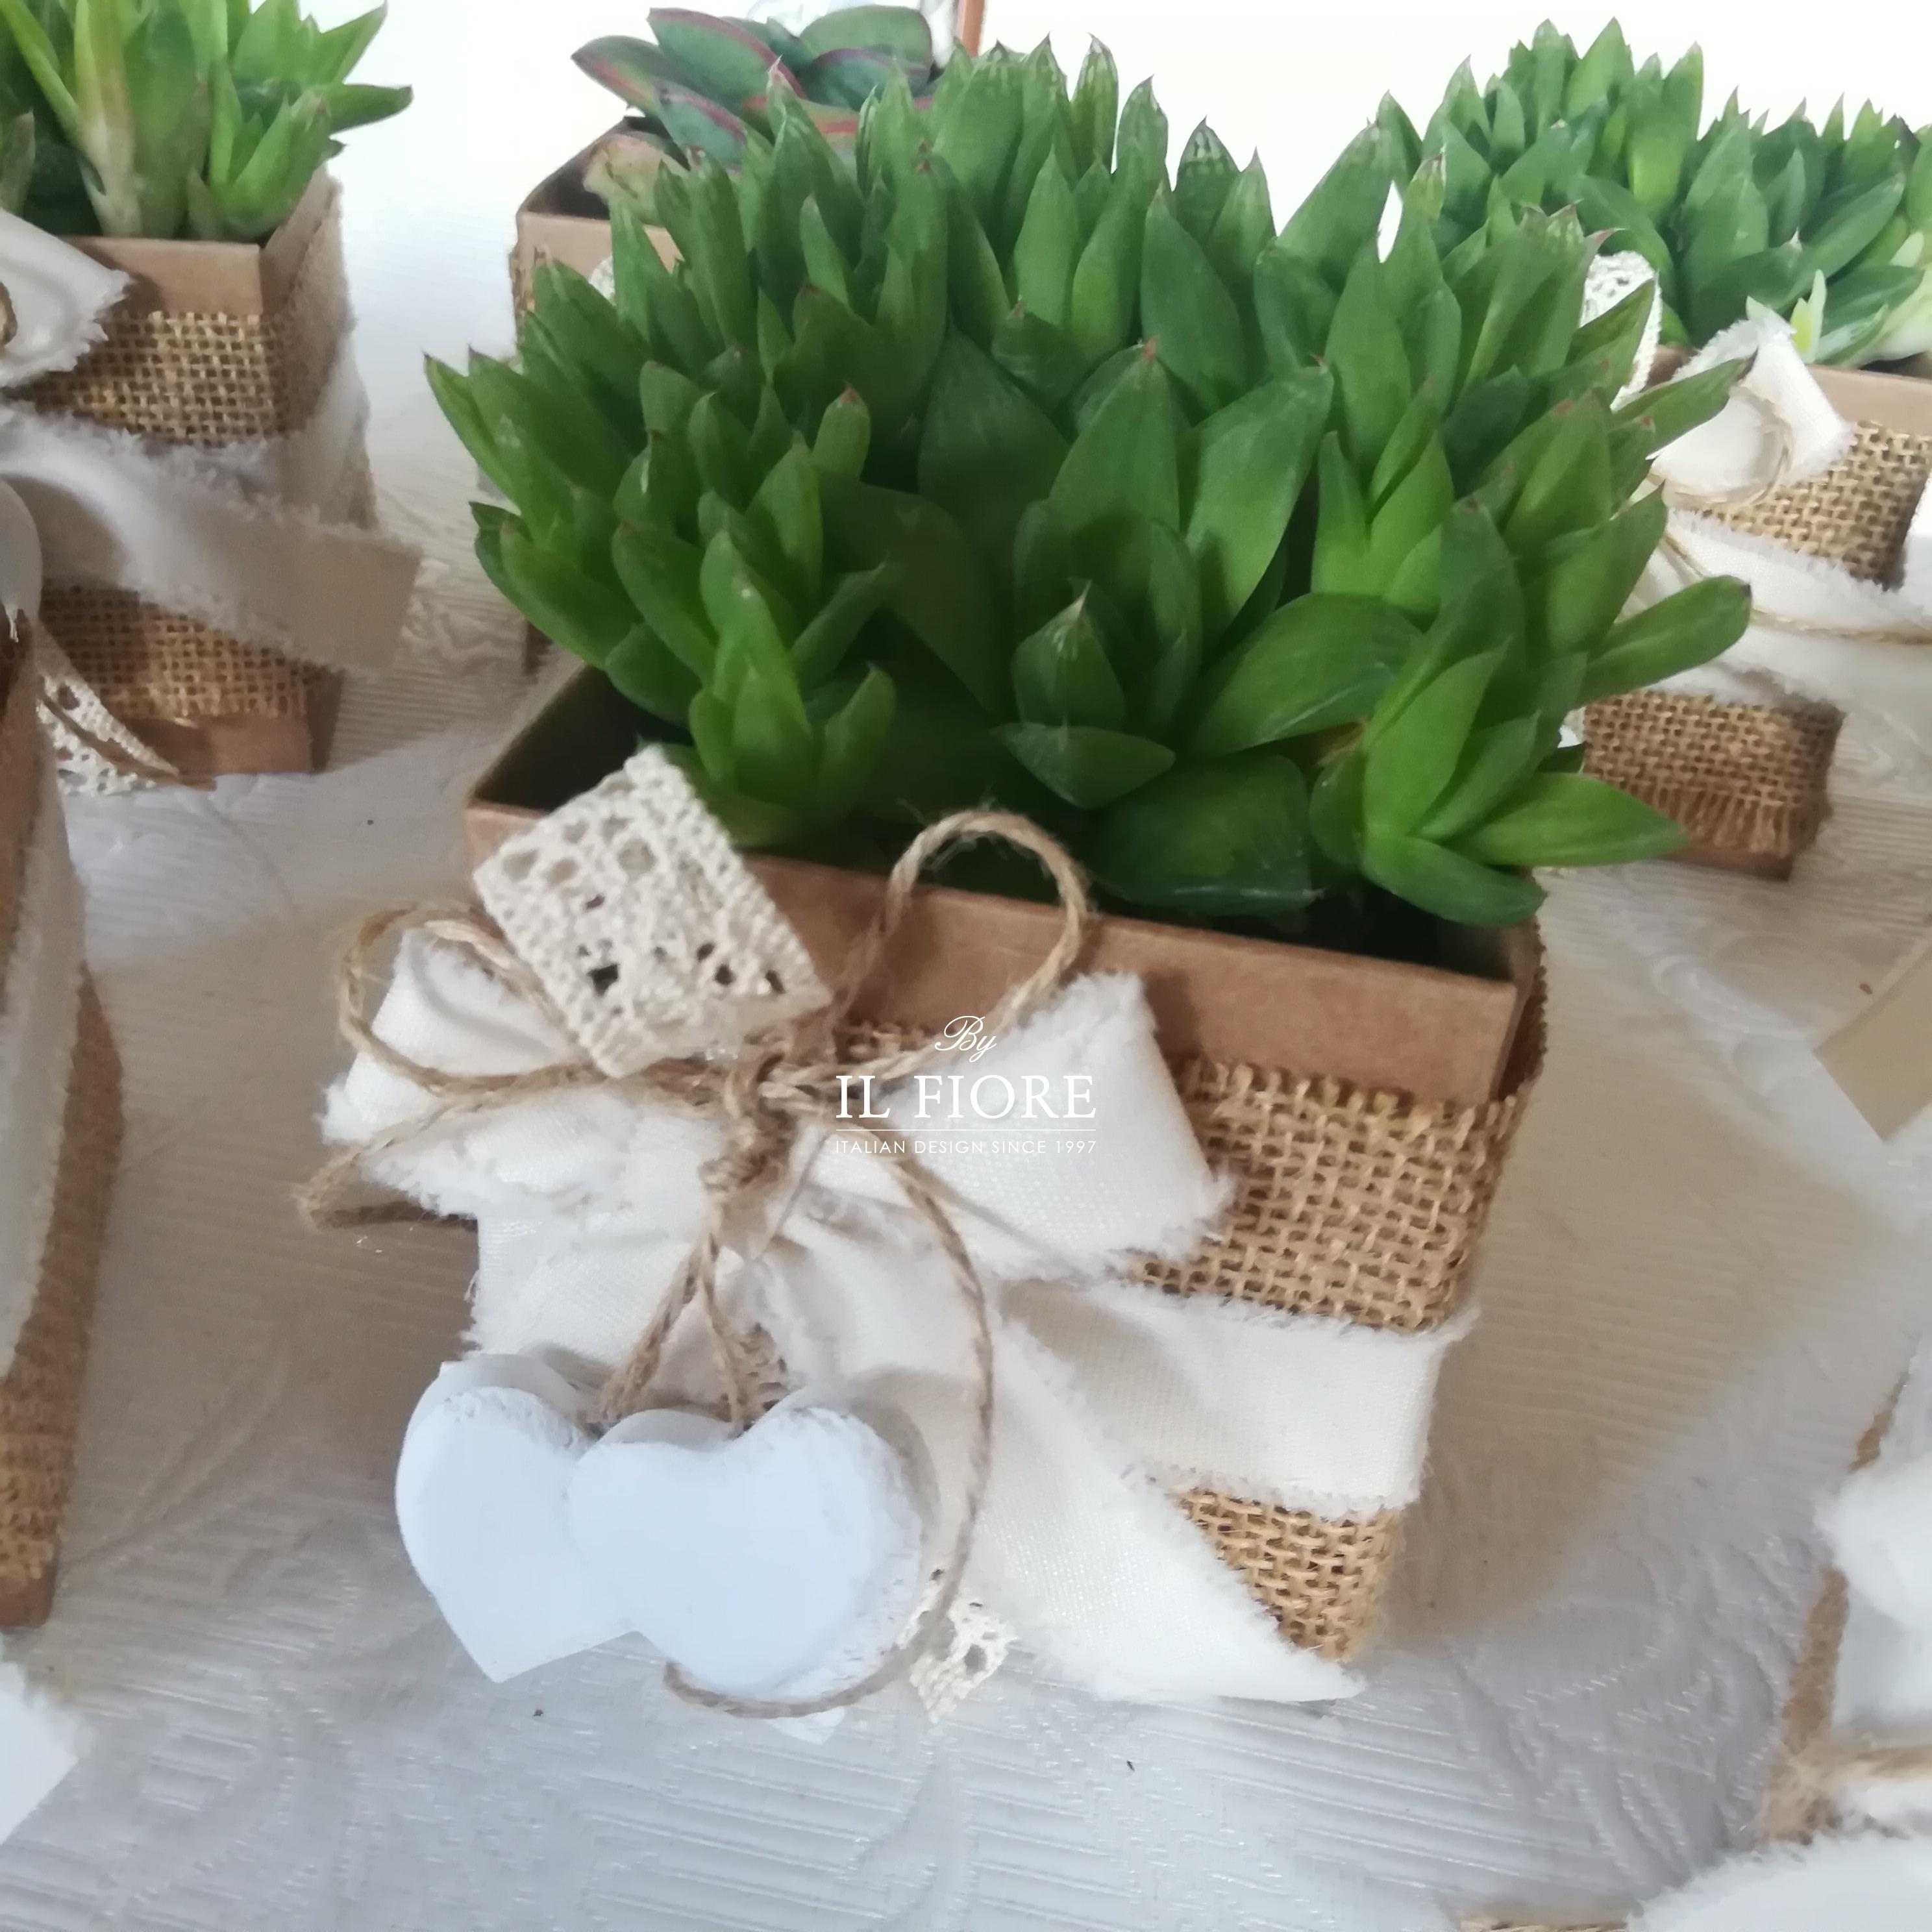 Bomboniera Green con piantine grasse thumb cover